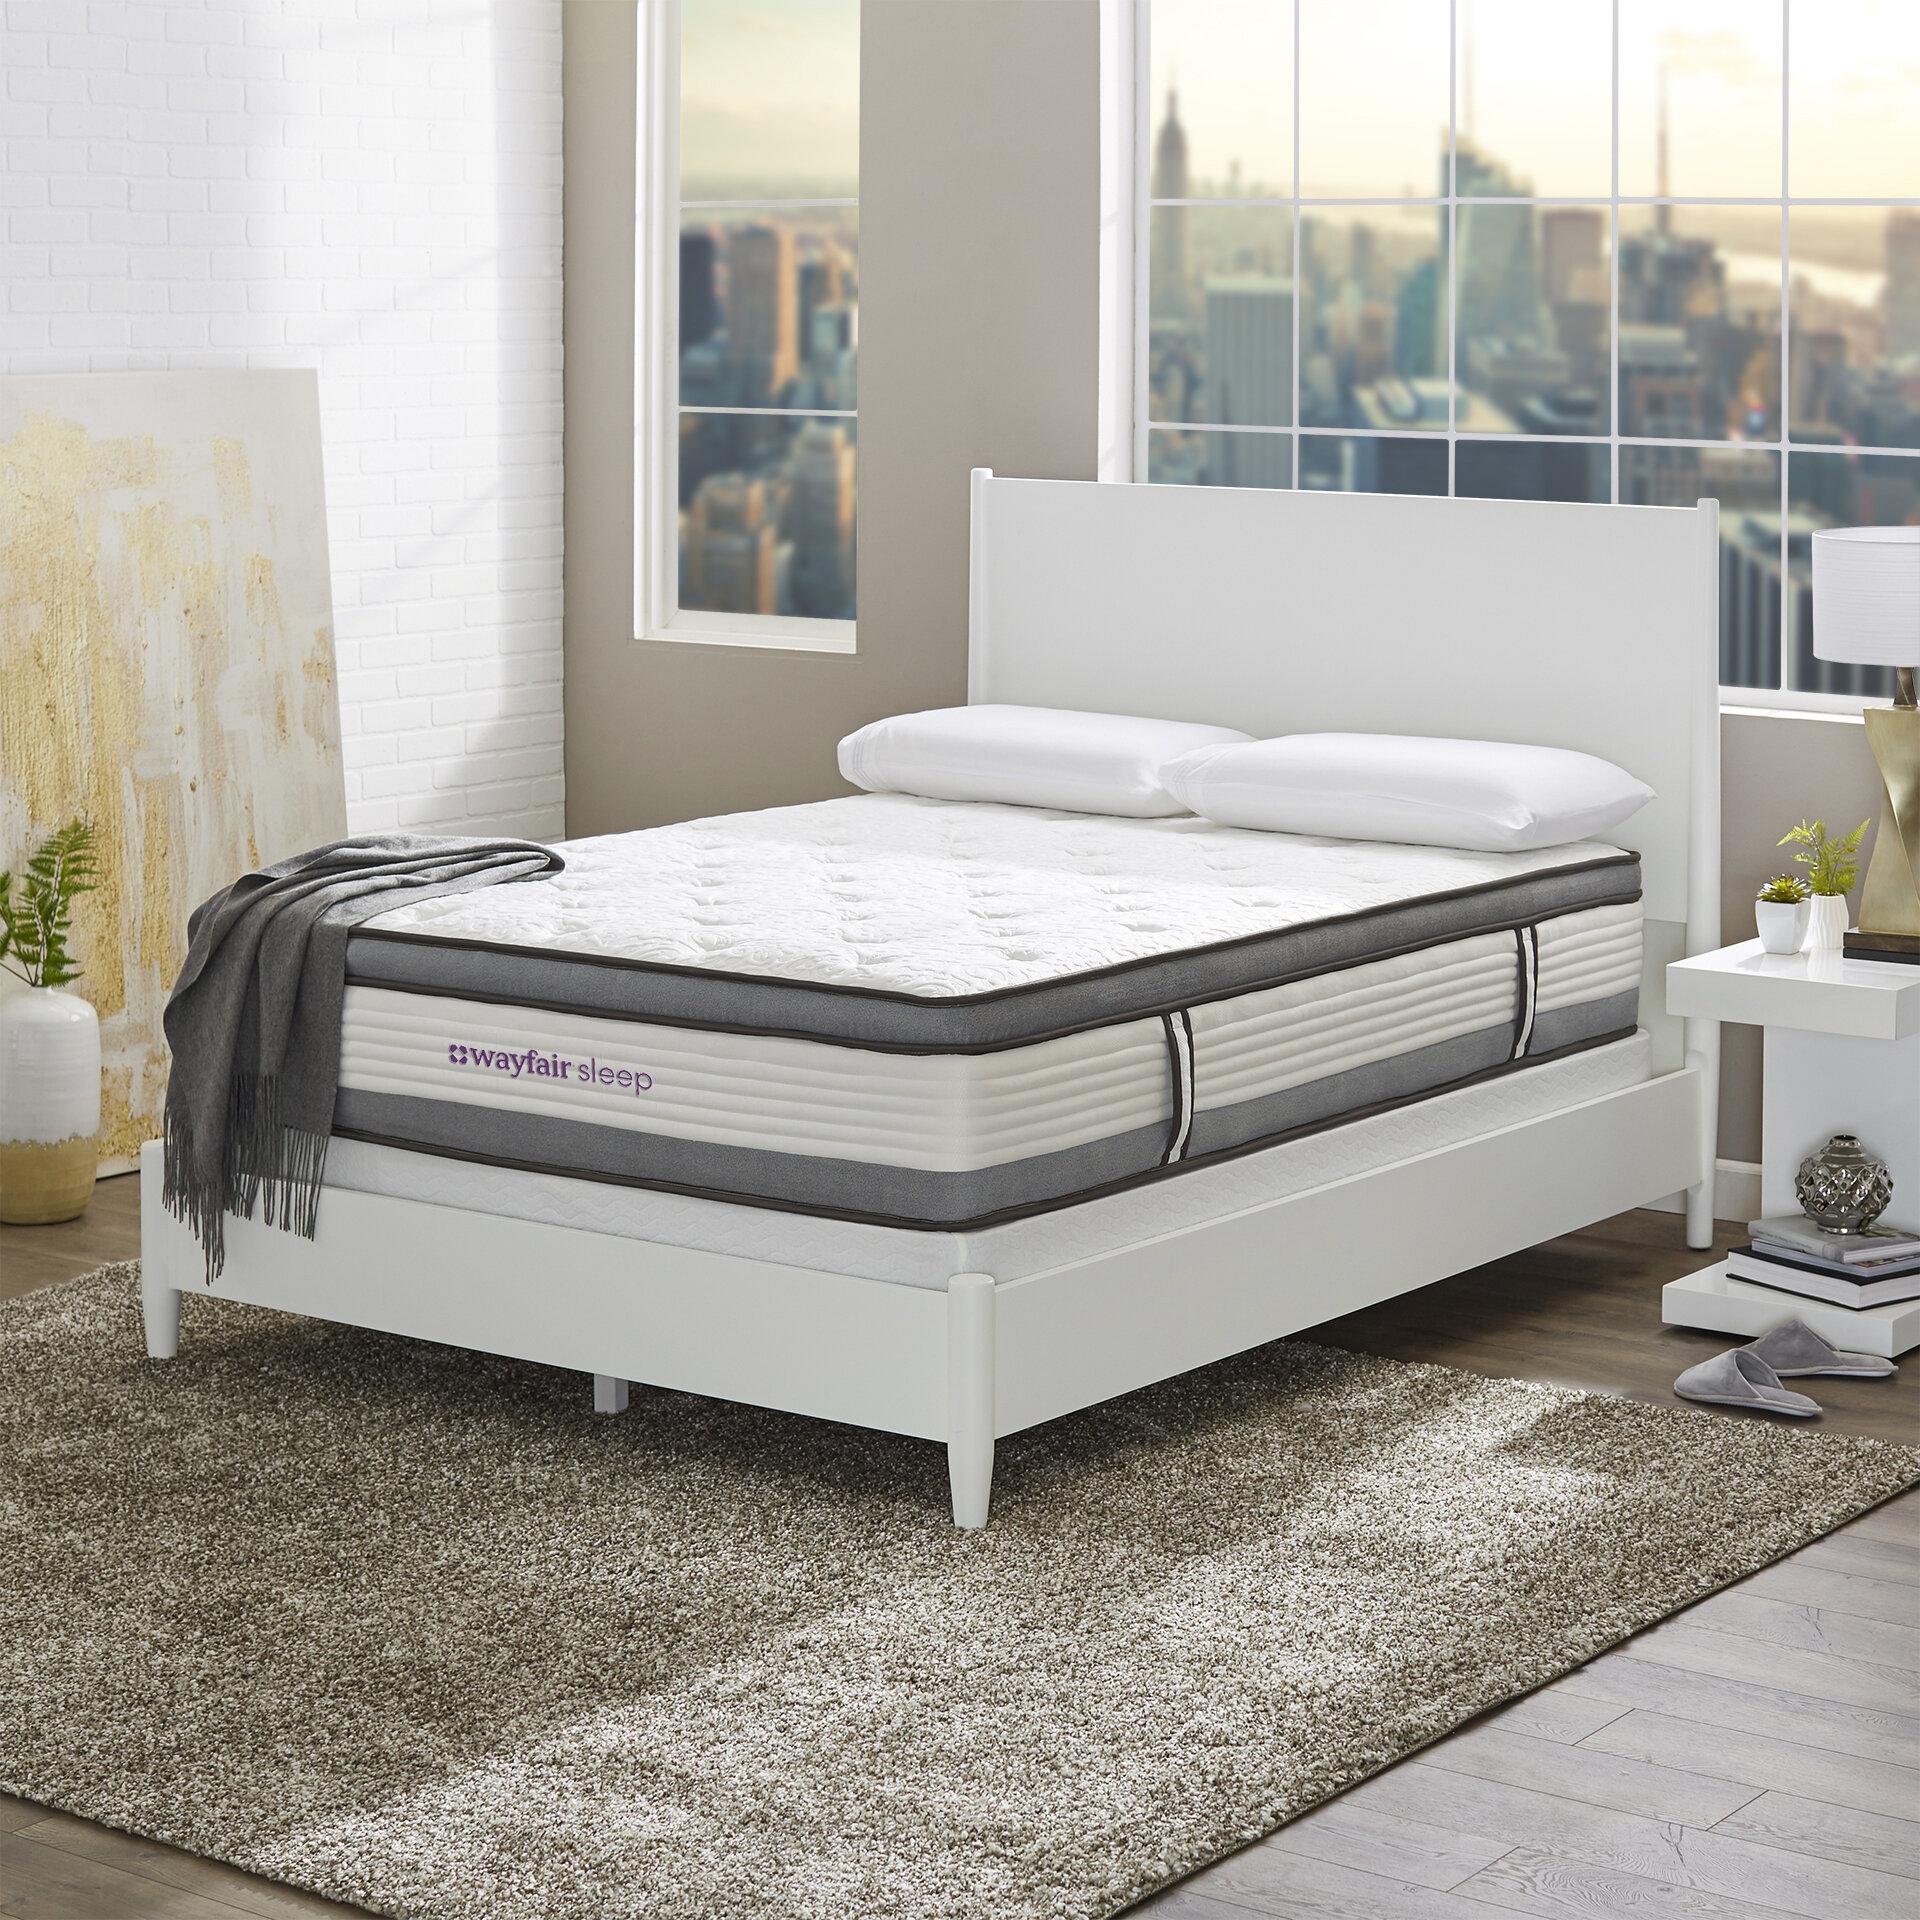 new style 0280f 7a03d Wayfair Sleep 12